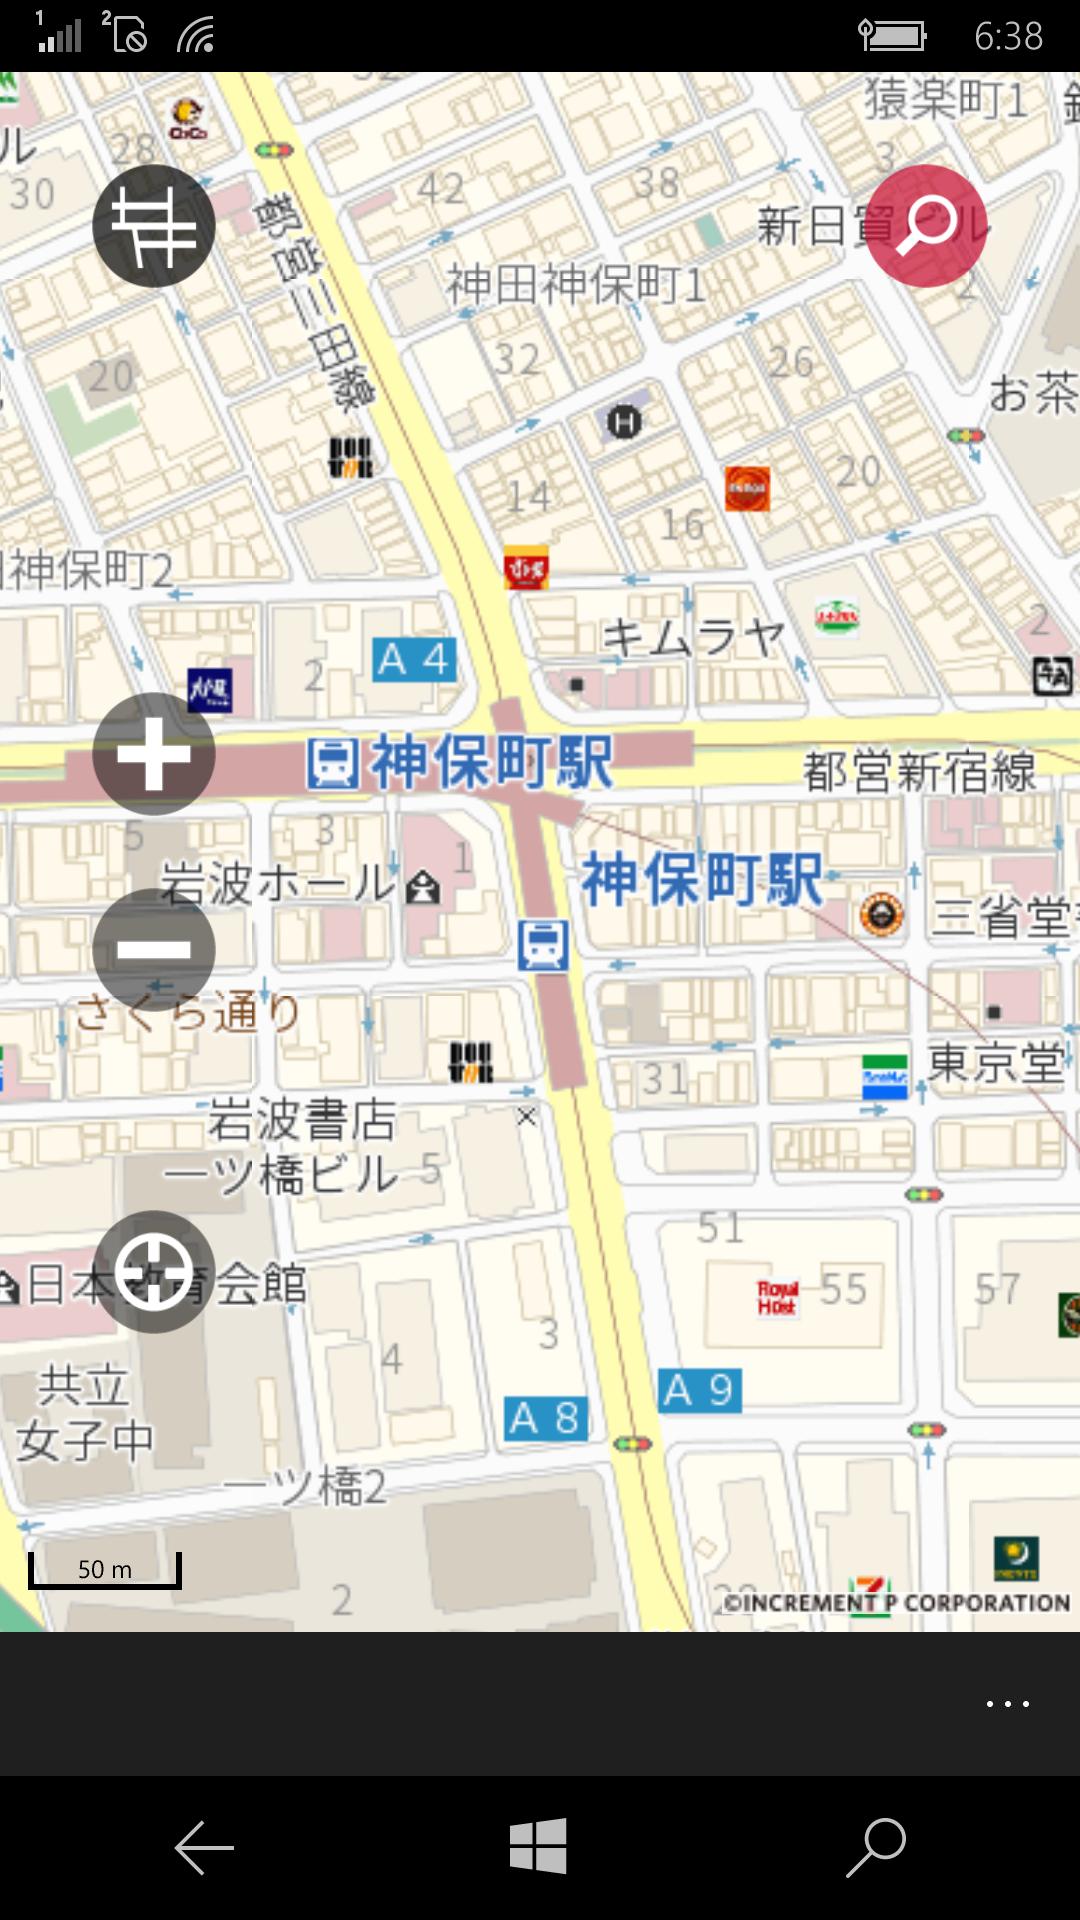 地図の向きは変更できないが、建物や一方通行などもひと目で確認できる